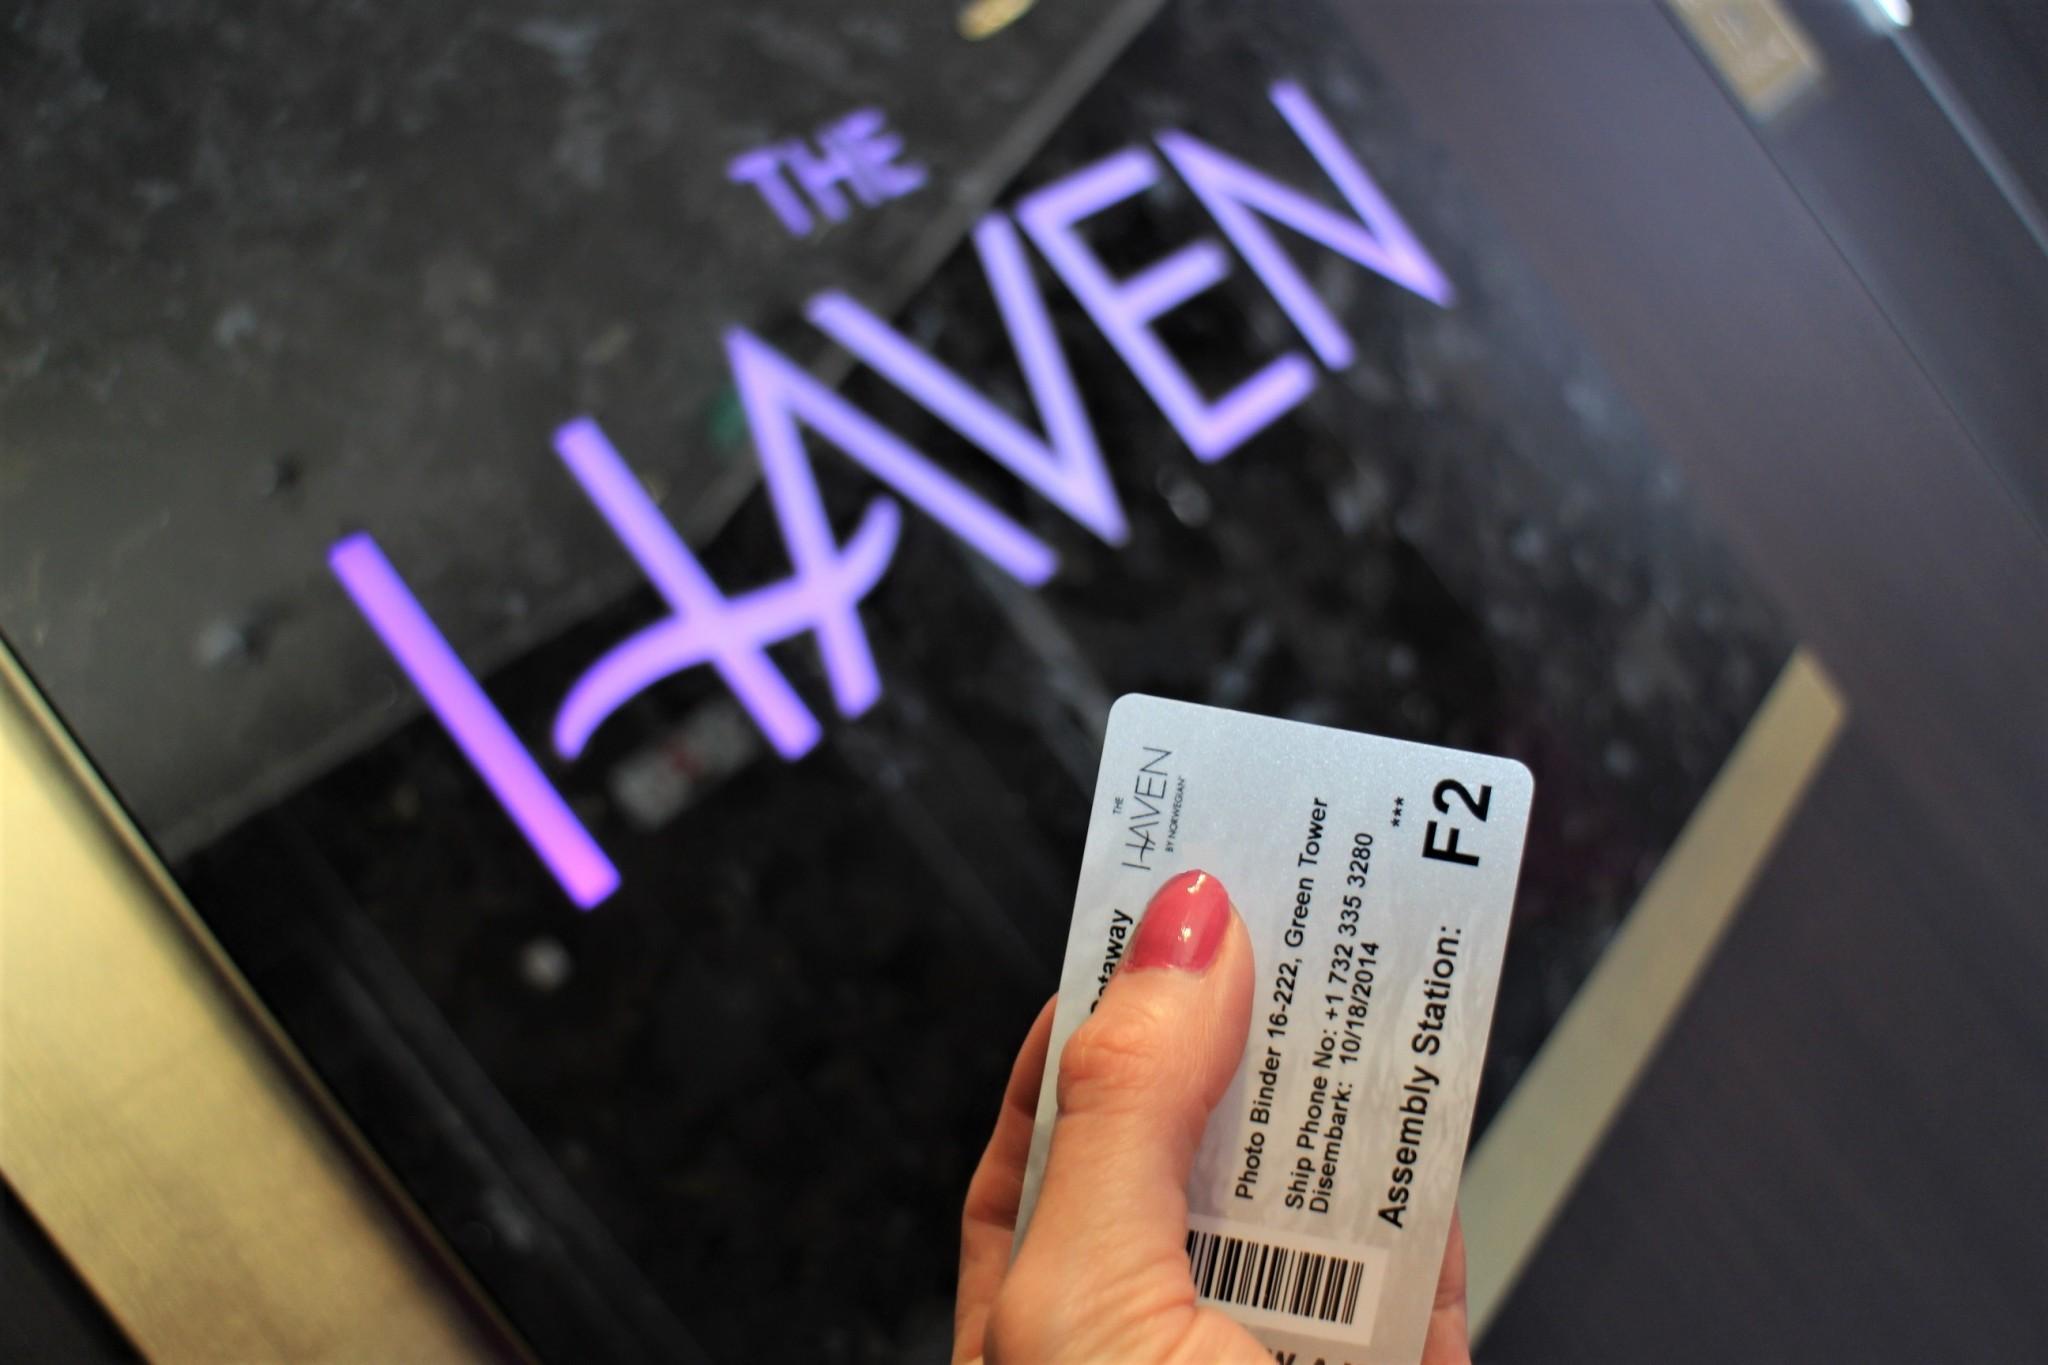 Norwegian Getaway The Haven Platinum card